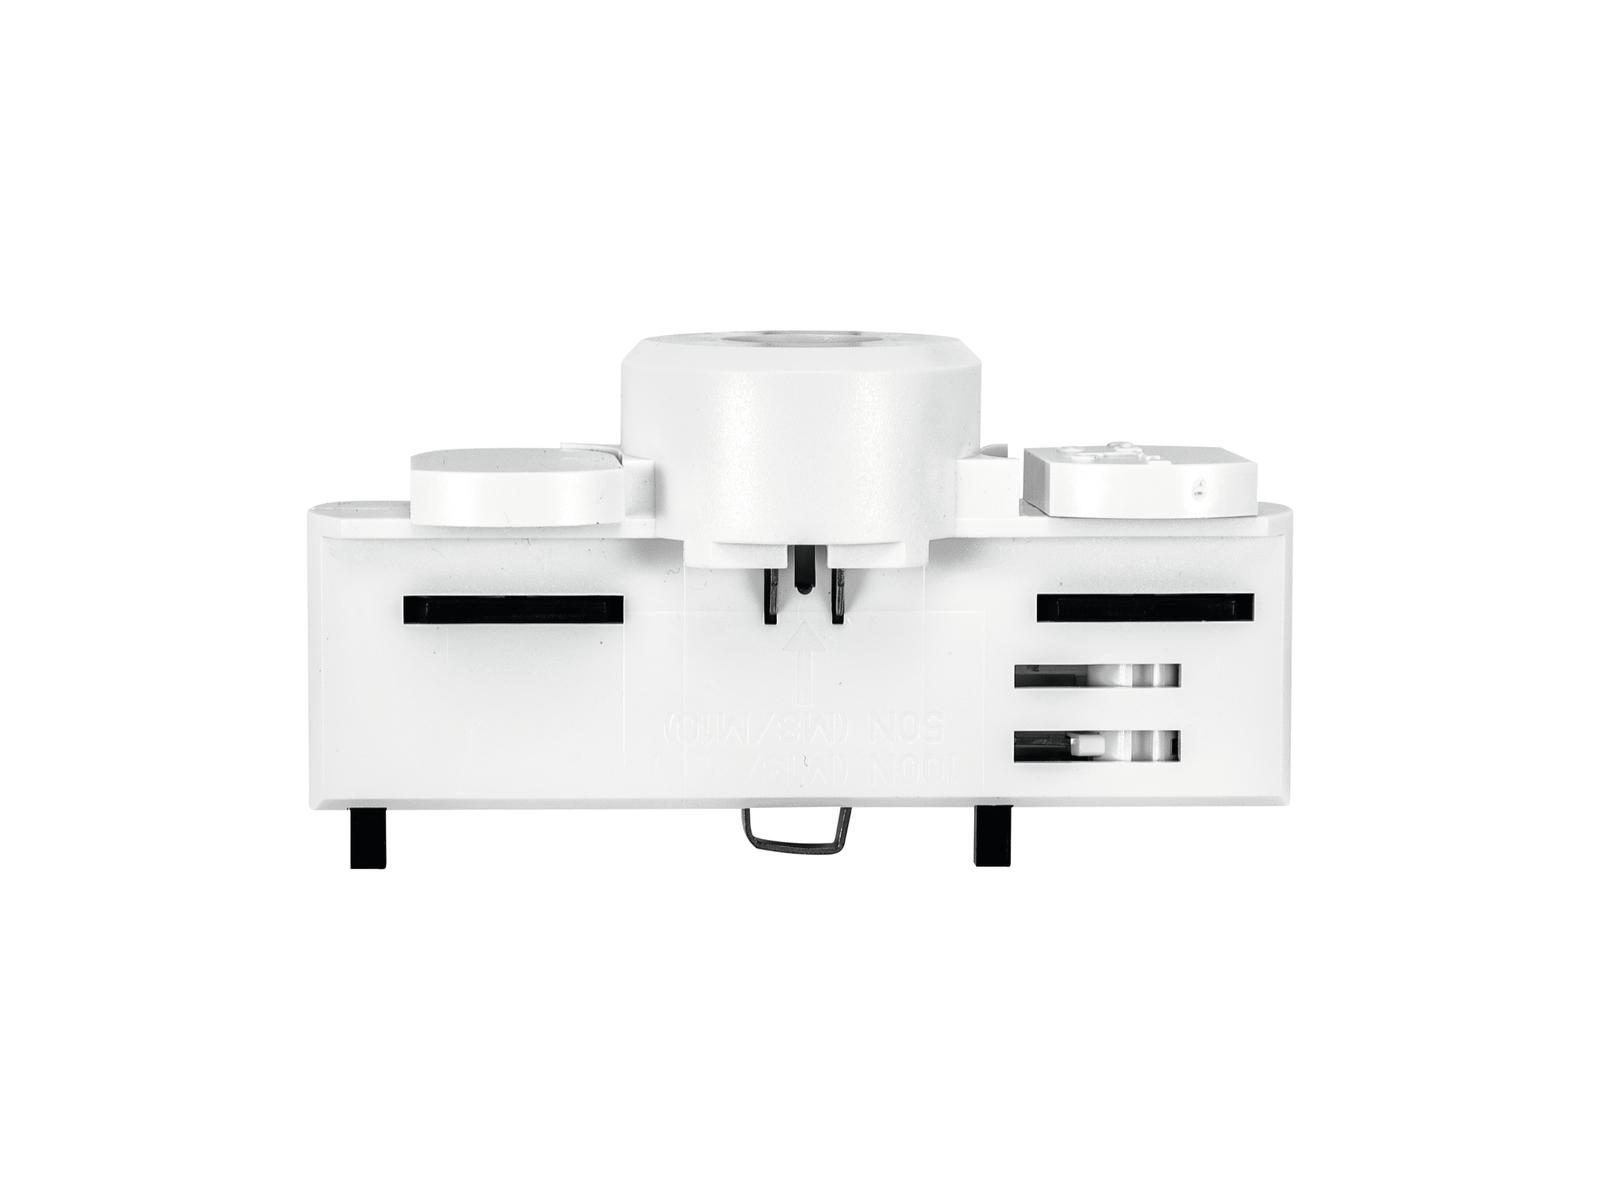 EUTRAC Multi adattatore, 3 fasi, bianco